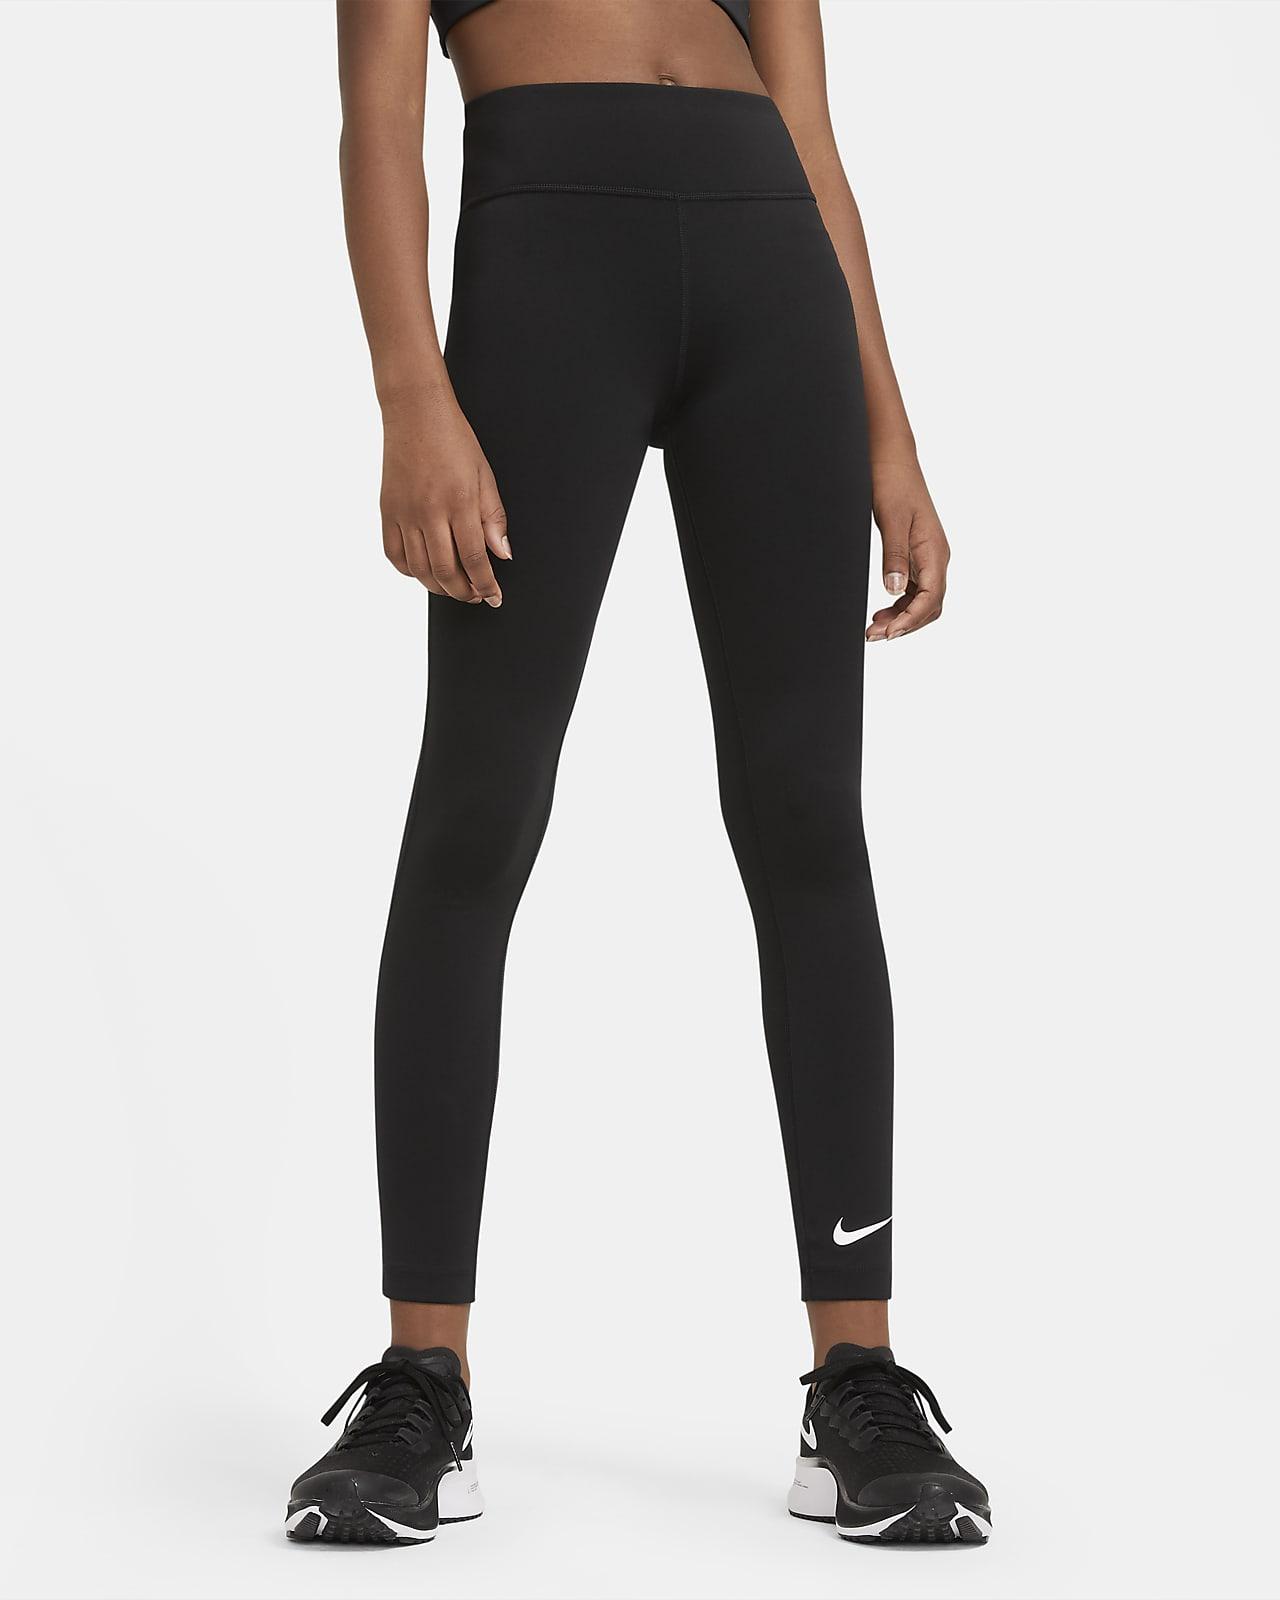 Nike One Older Kids' (Girls') Training Leggings